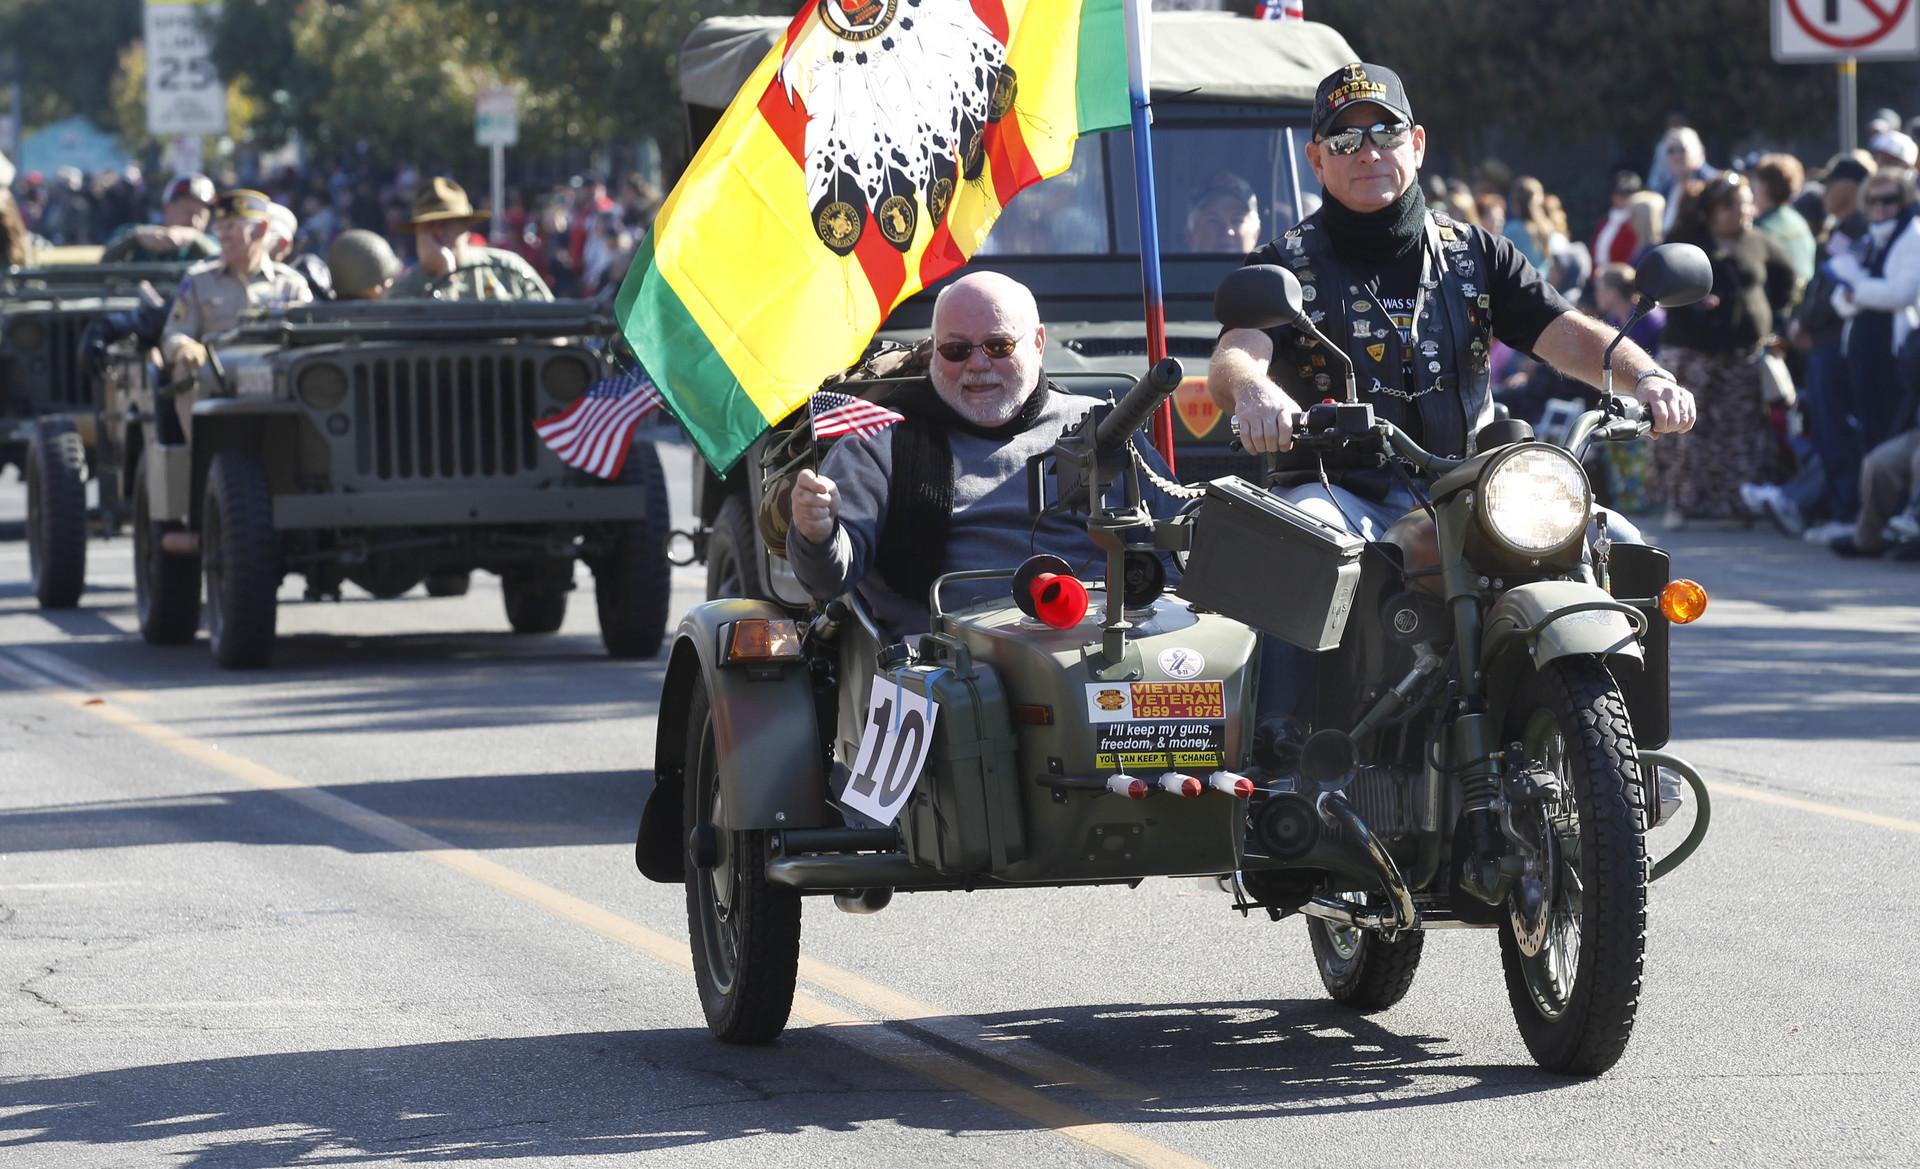 Ветерани от армията на САЩ на руски мотор